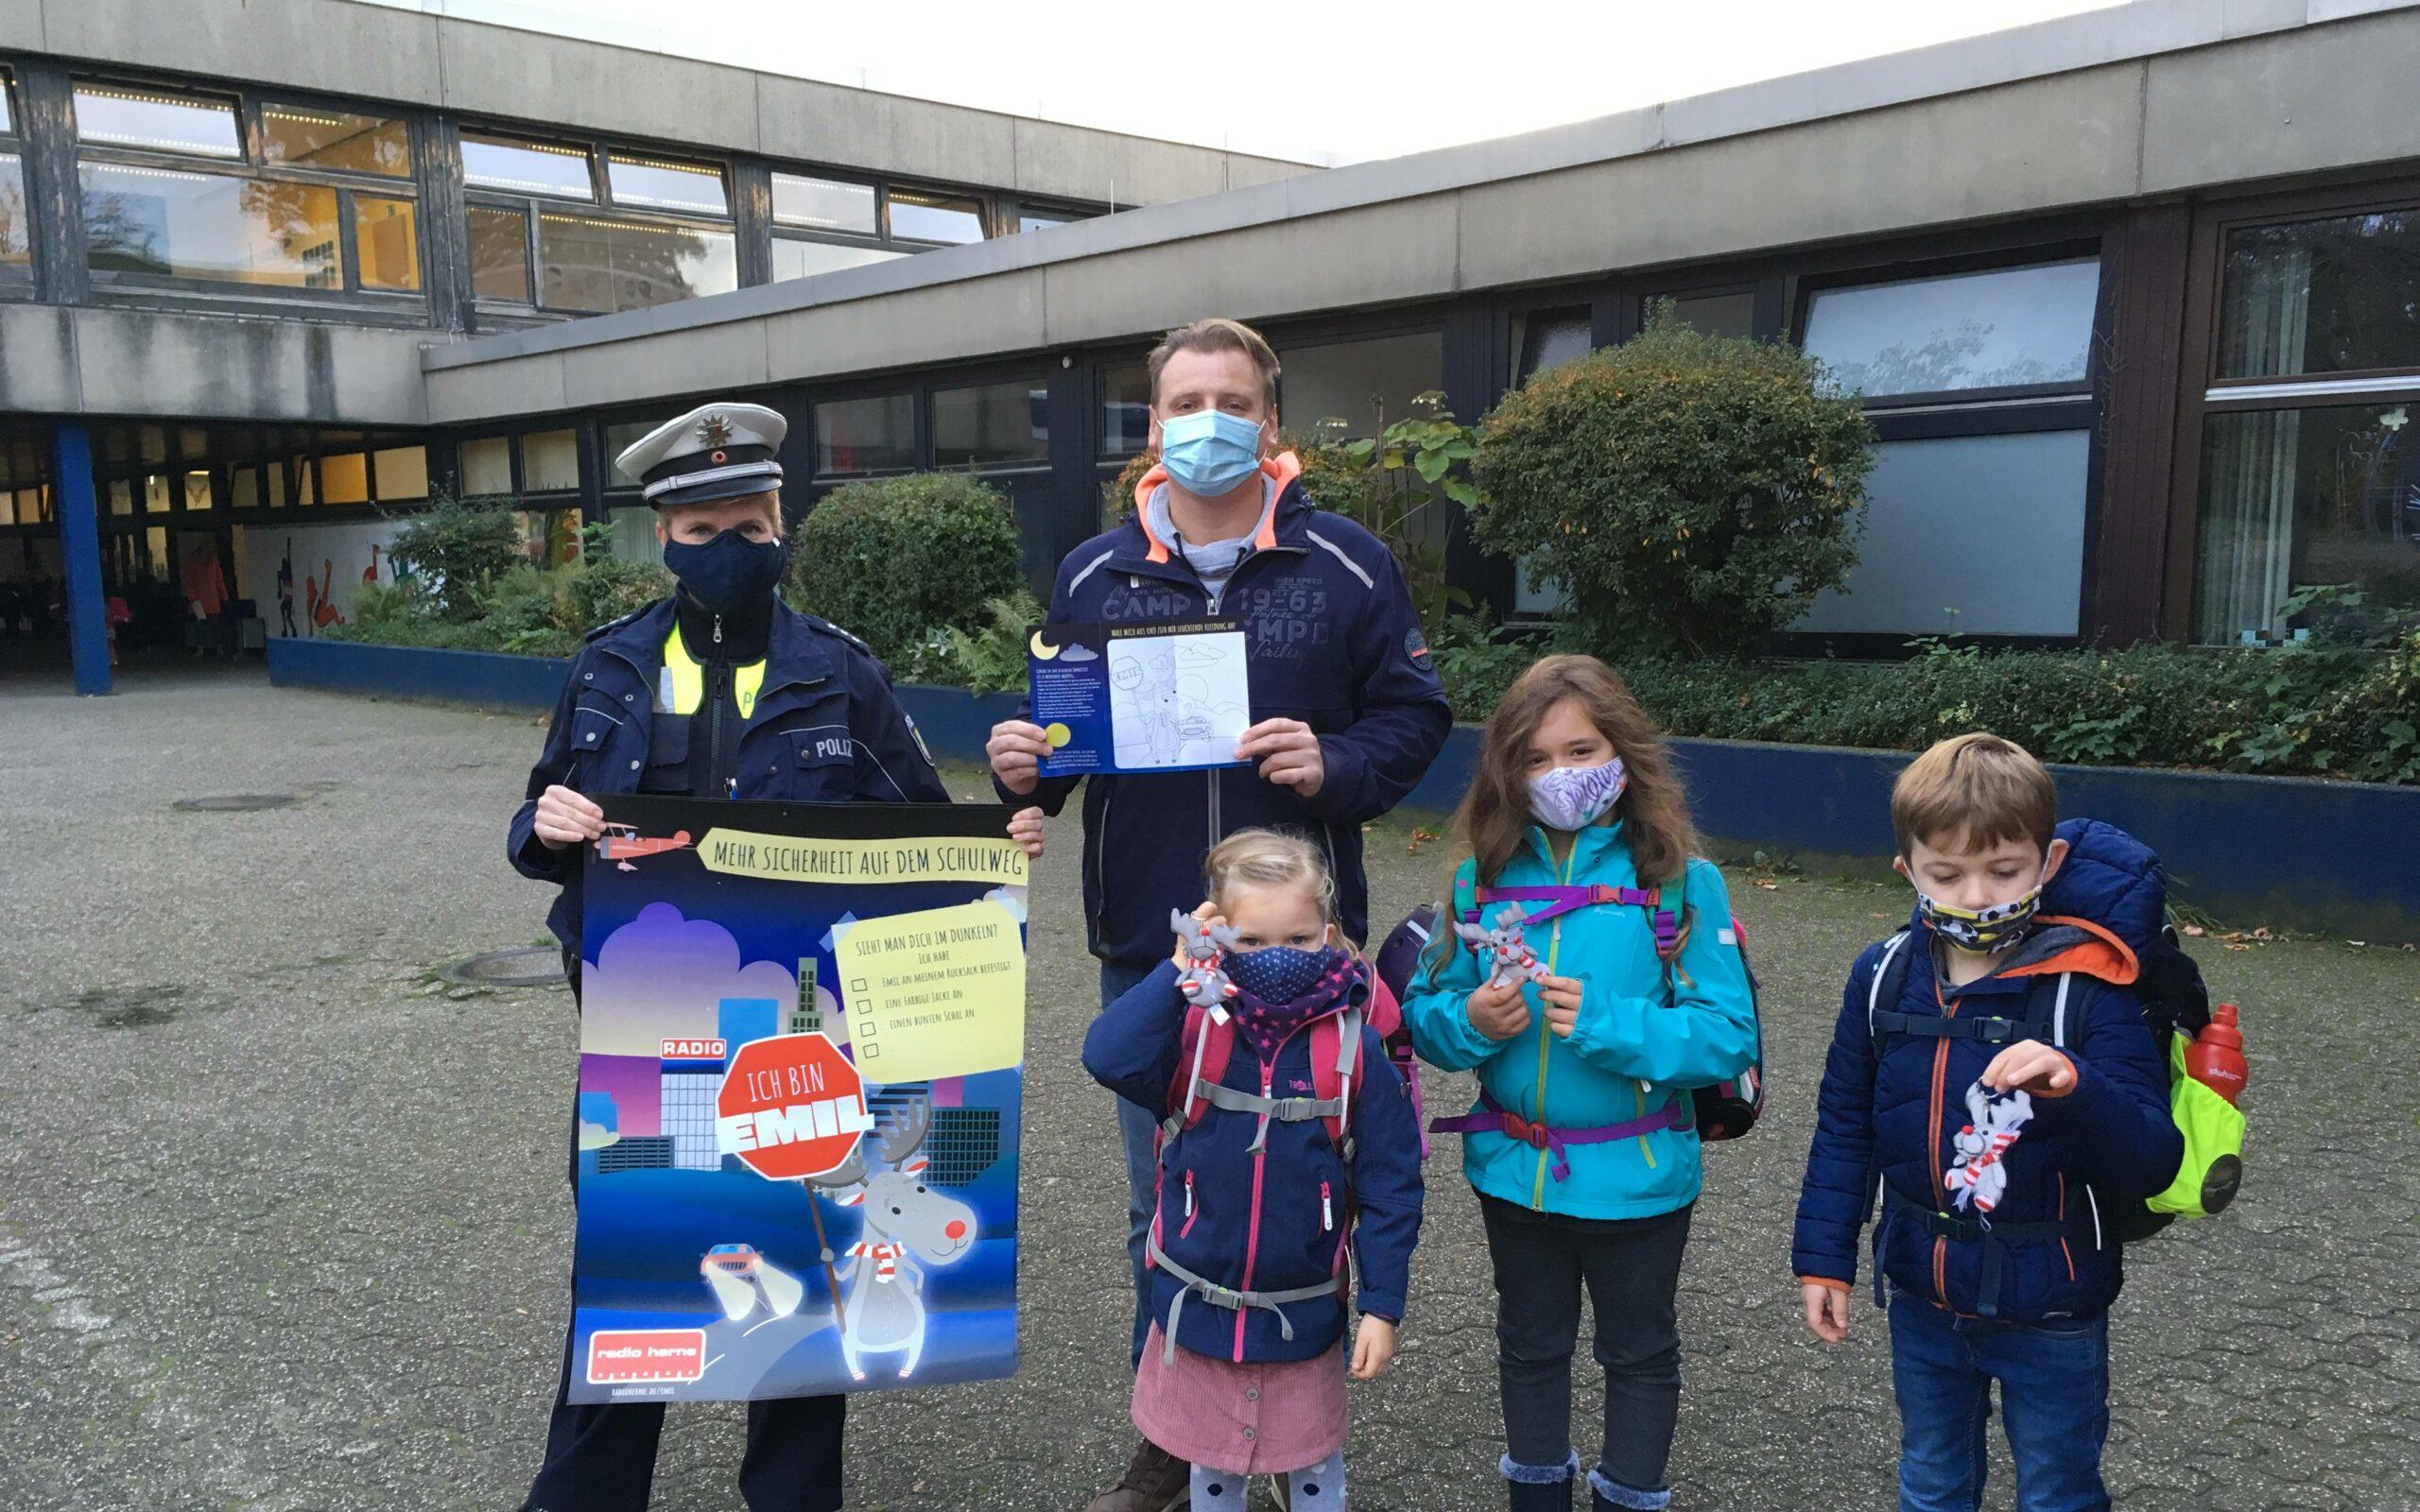 Die Polizei erklärt den Schülern anhand der Plakate die Bedeutung von reflektierender Kleidung. Foto: Radio Herne